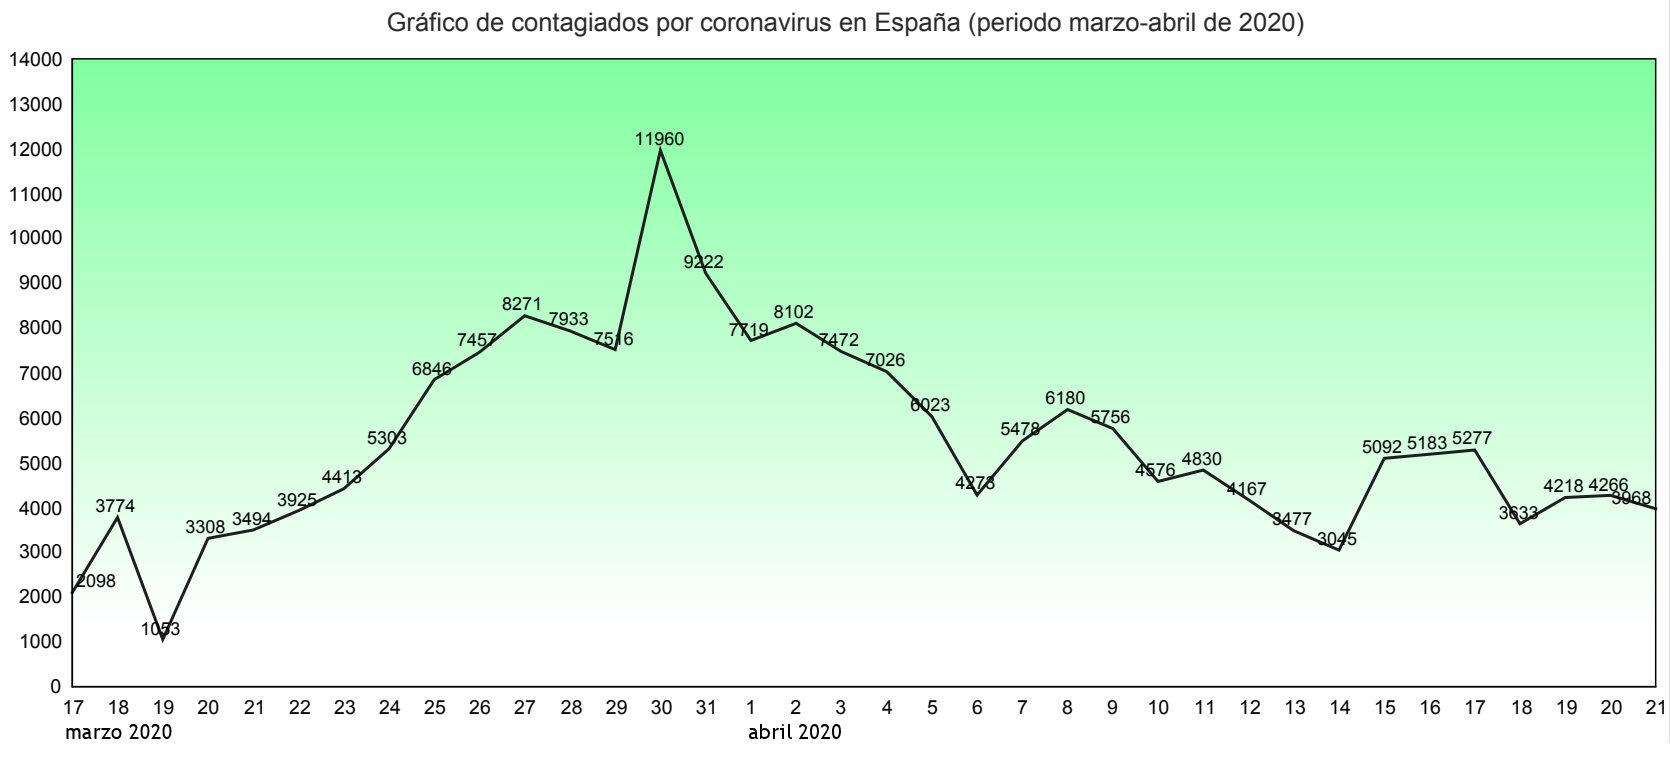 contagiados coronavirus espana datos grafica